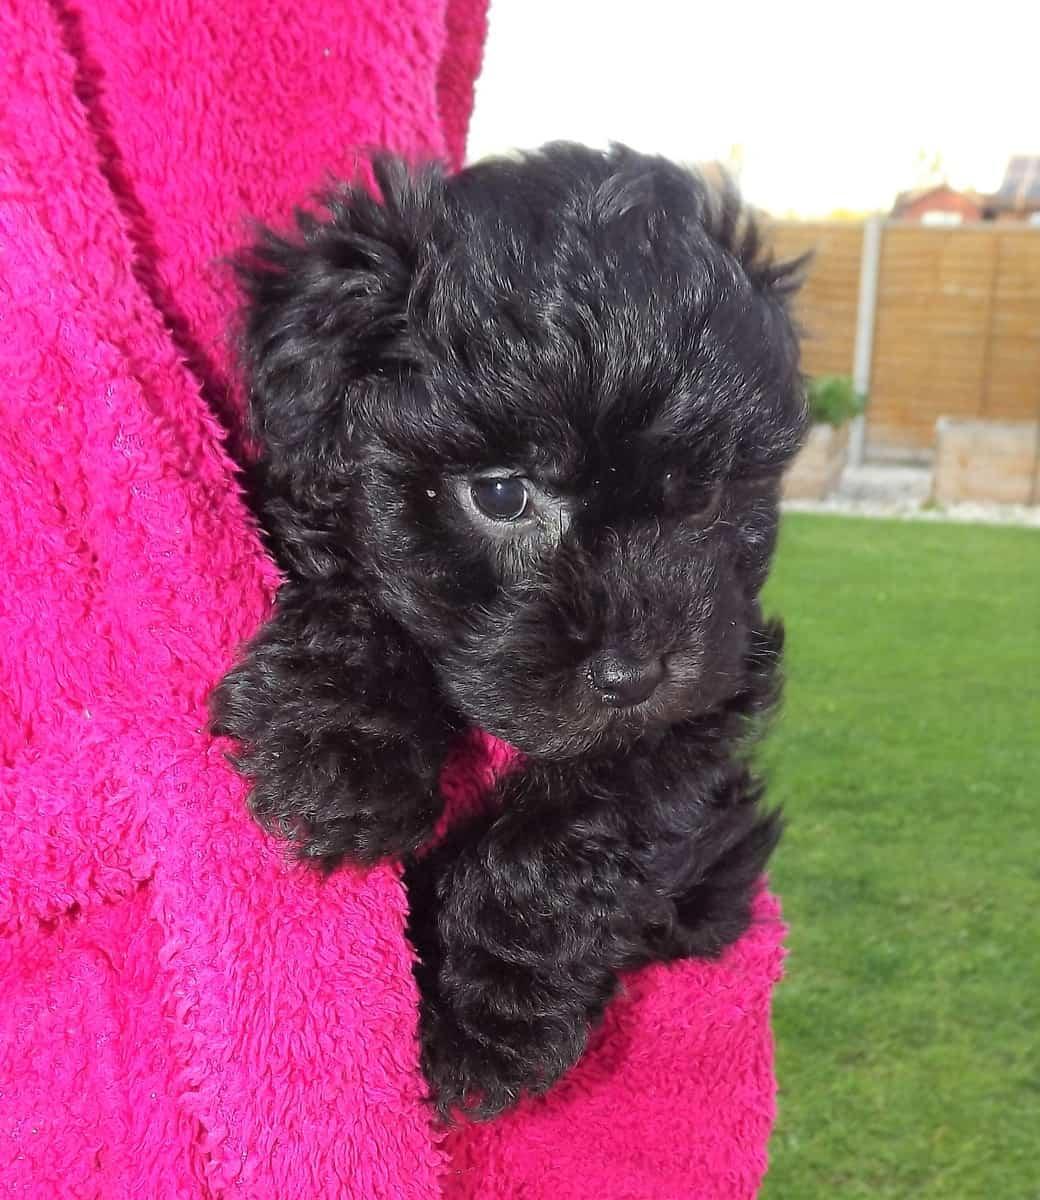 Black Teacup Poodle puppy